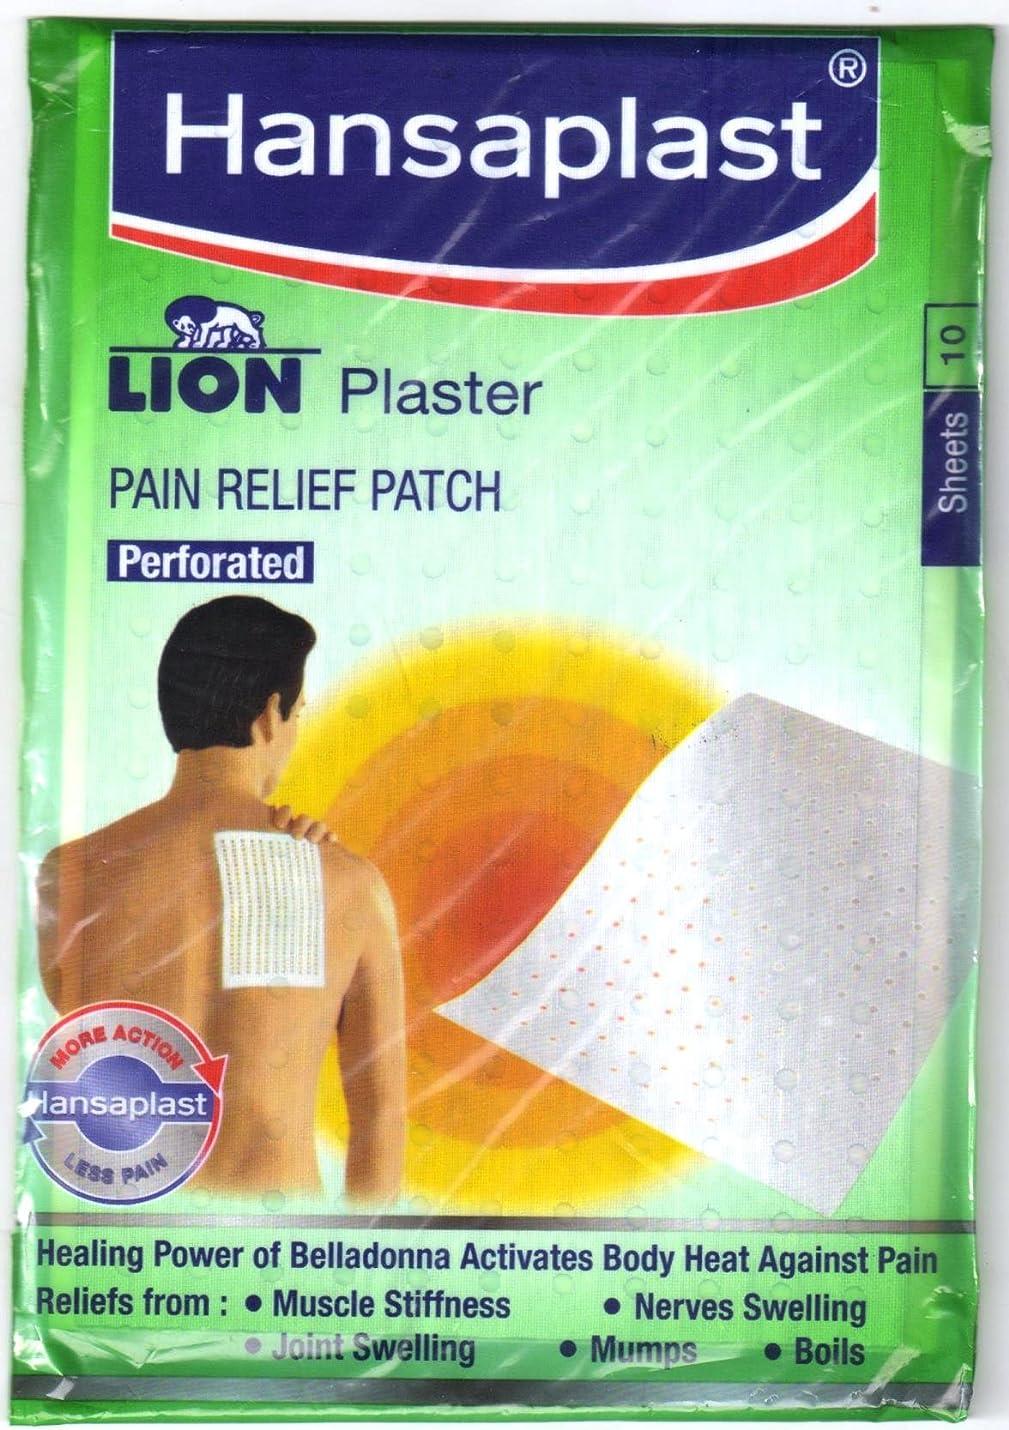 理容室不実容赦ないHansaplast Lion plaster (Belladonna) 10 pack of 100 Sheets Pain Relief Patch